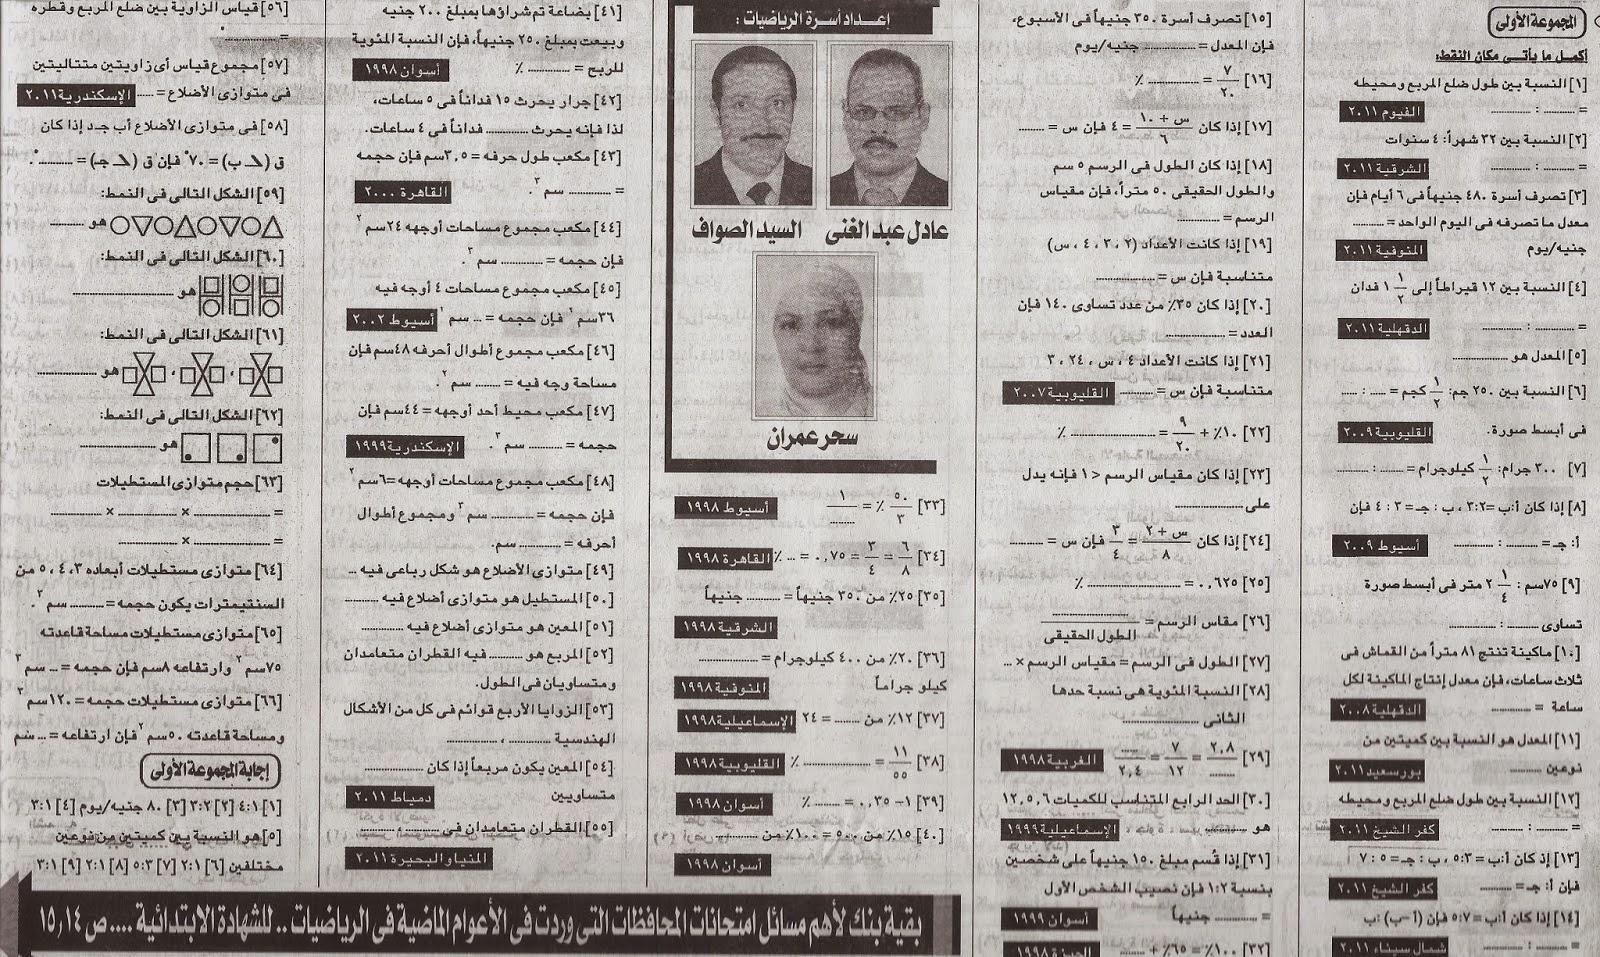 كل مراجعات ملاحق الجمهورية للترم الأول 2015 للشهادة الإبتدائية المنهاج المصري scan0057.jpg